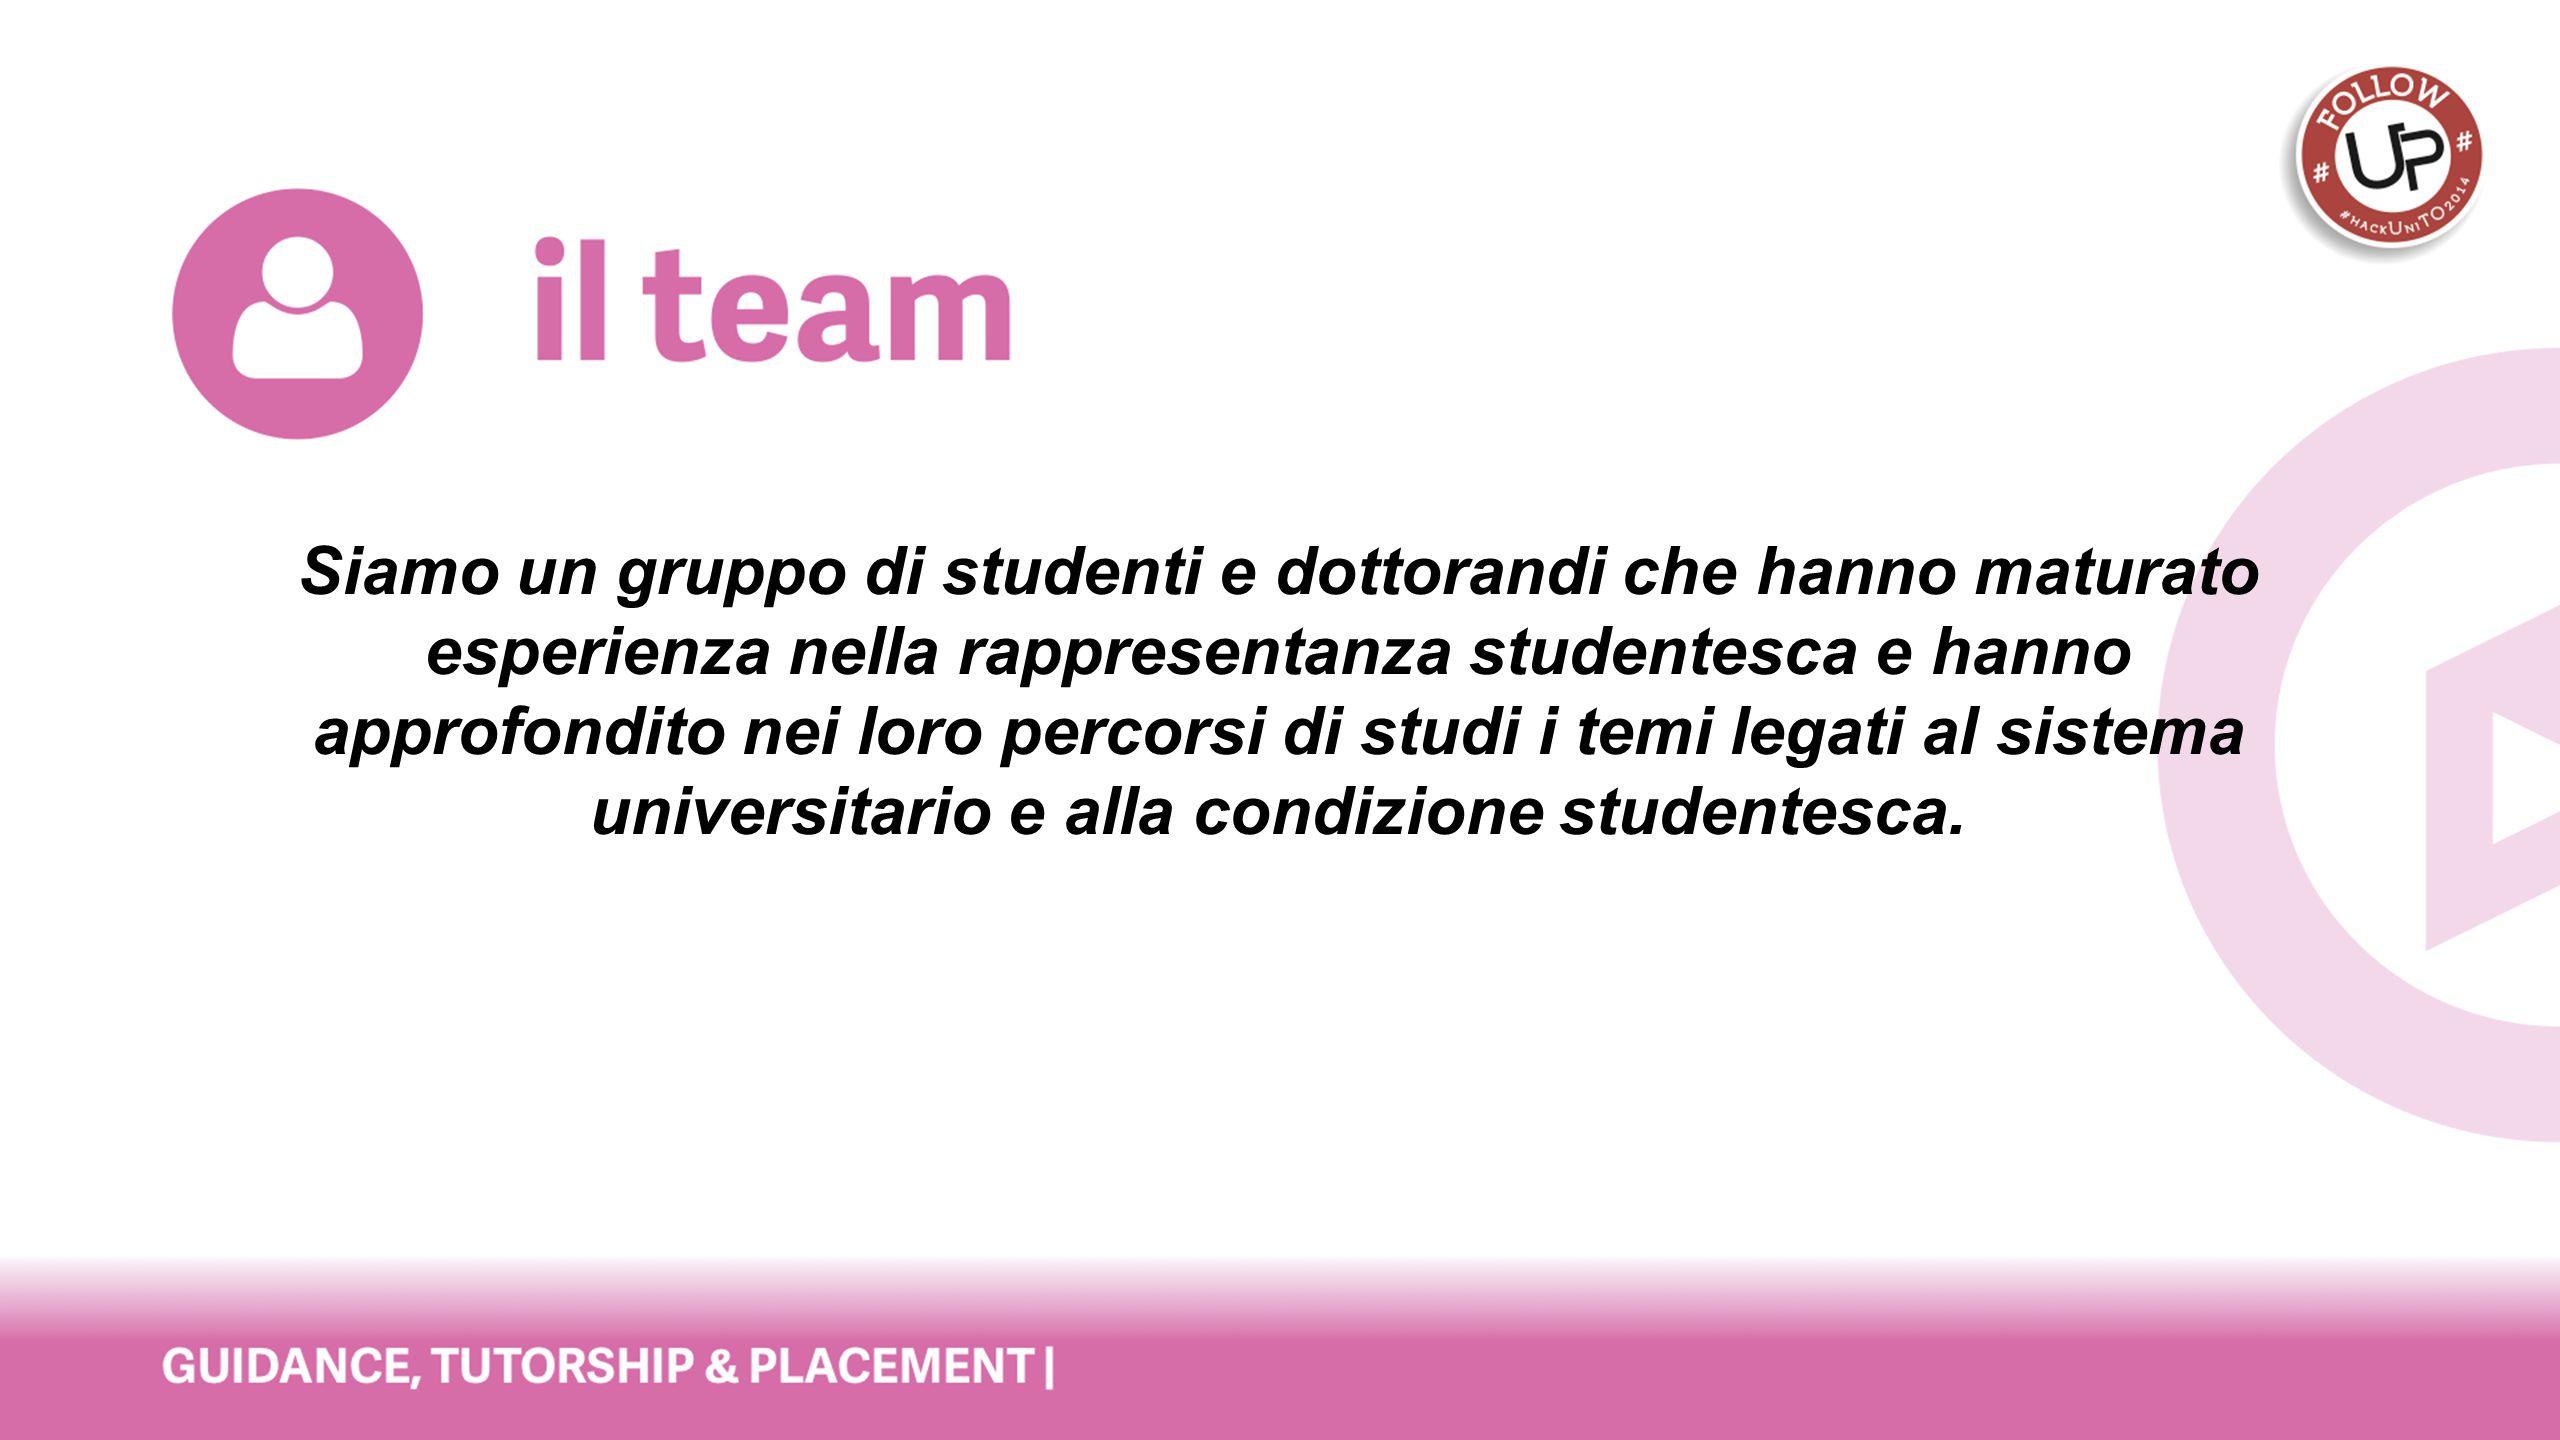 Siamo un gruppo di studenti e dottorandi che hanno maturato esperienza nella rappresentanza studentesca e hanno approfondito nei loro percorsi di studi i temi legati al sistema universitario e alla condizione studentesca.